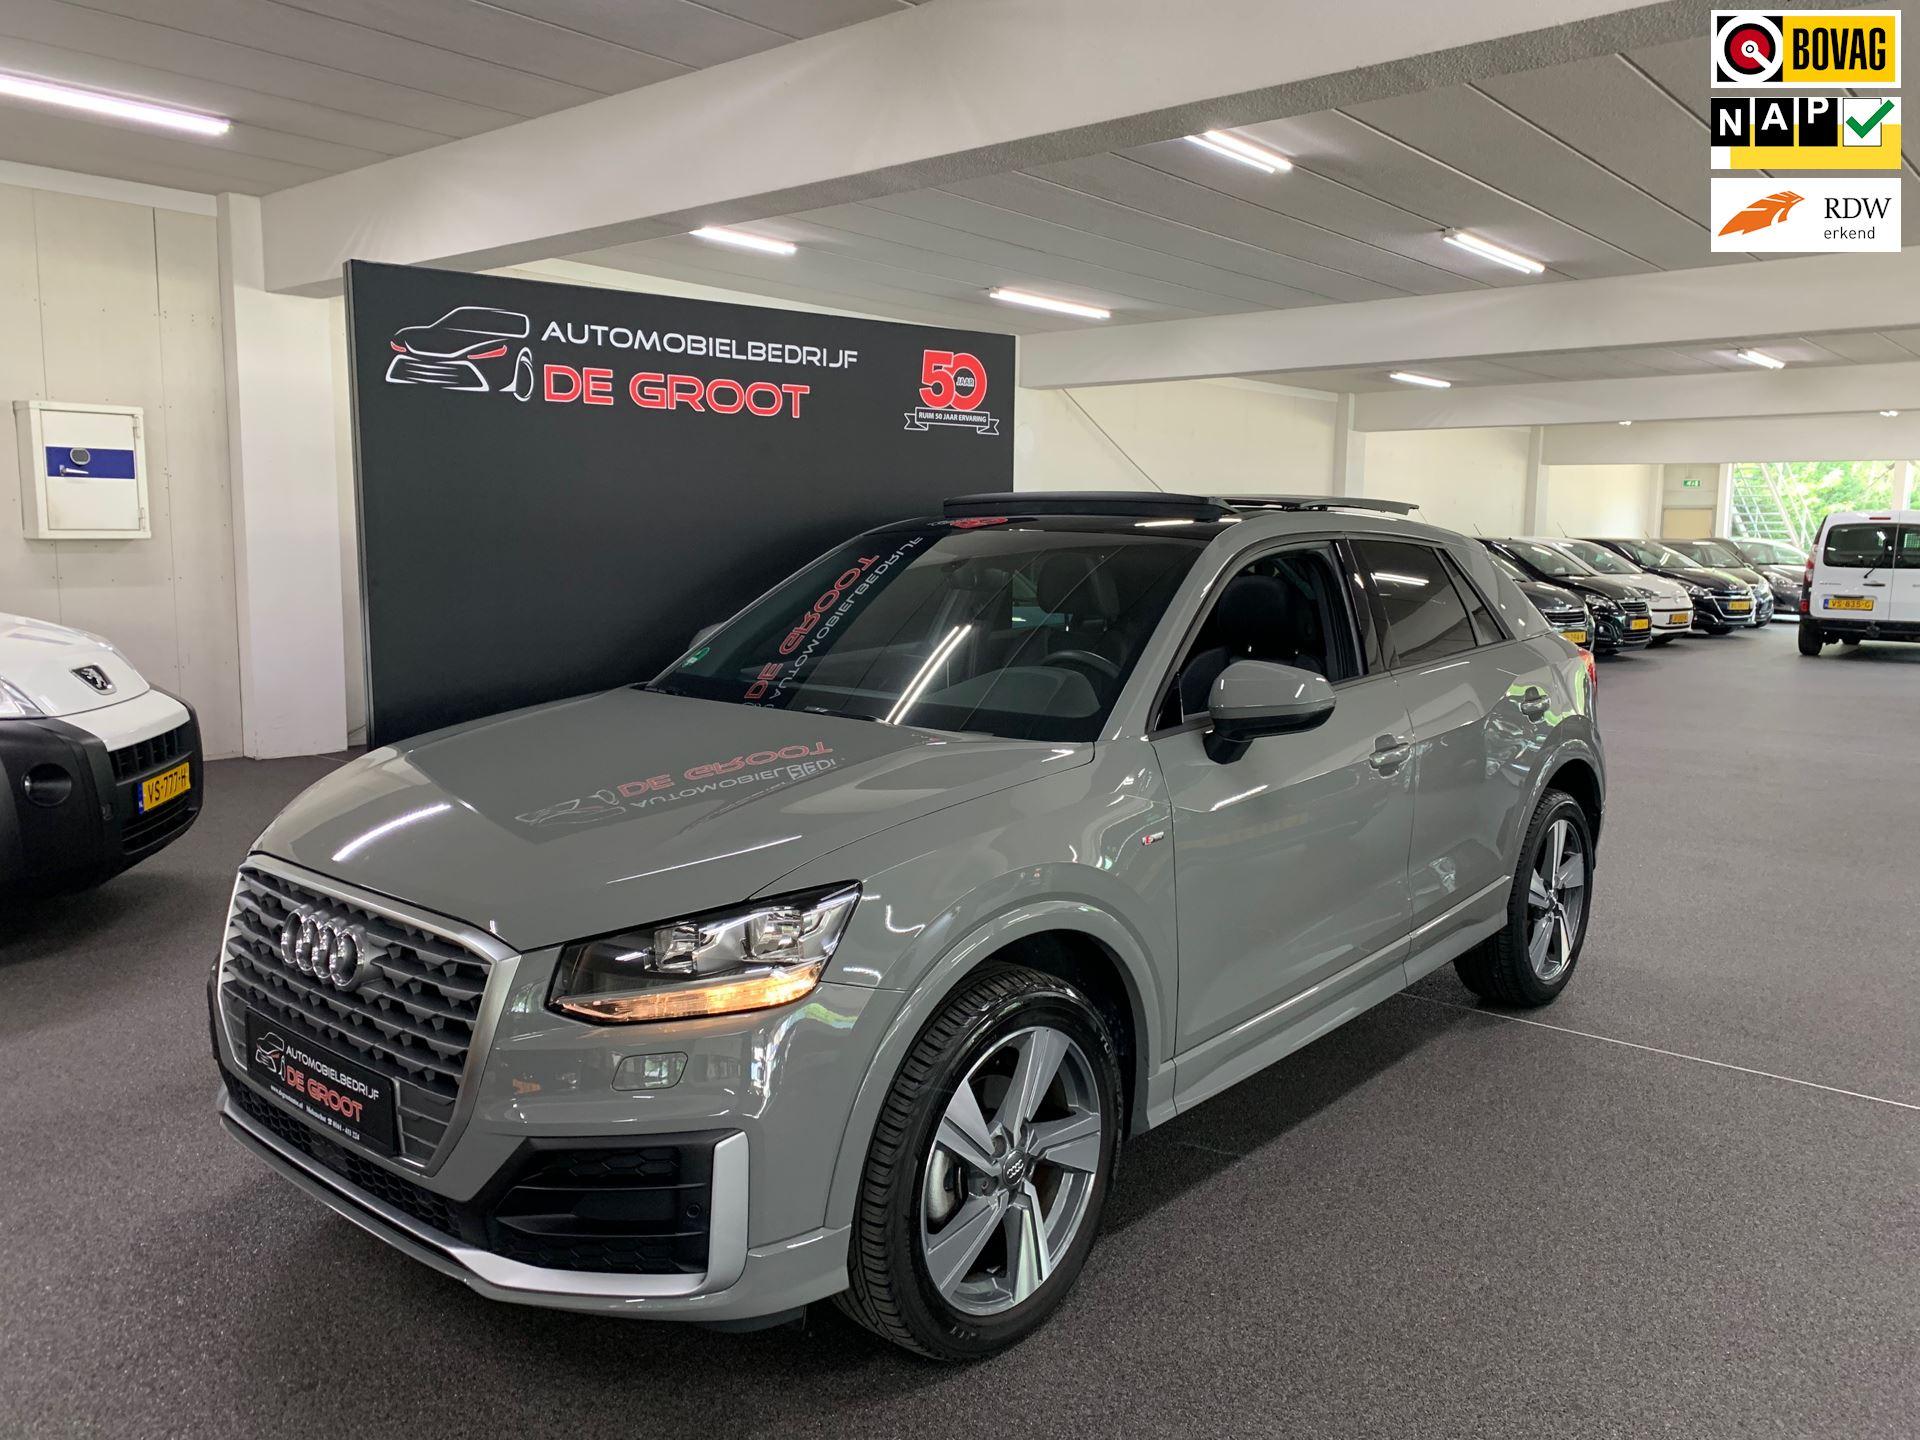 Audi Q2 occasion - Automobielbedrijf de Groot